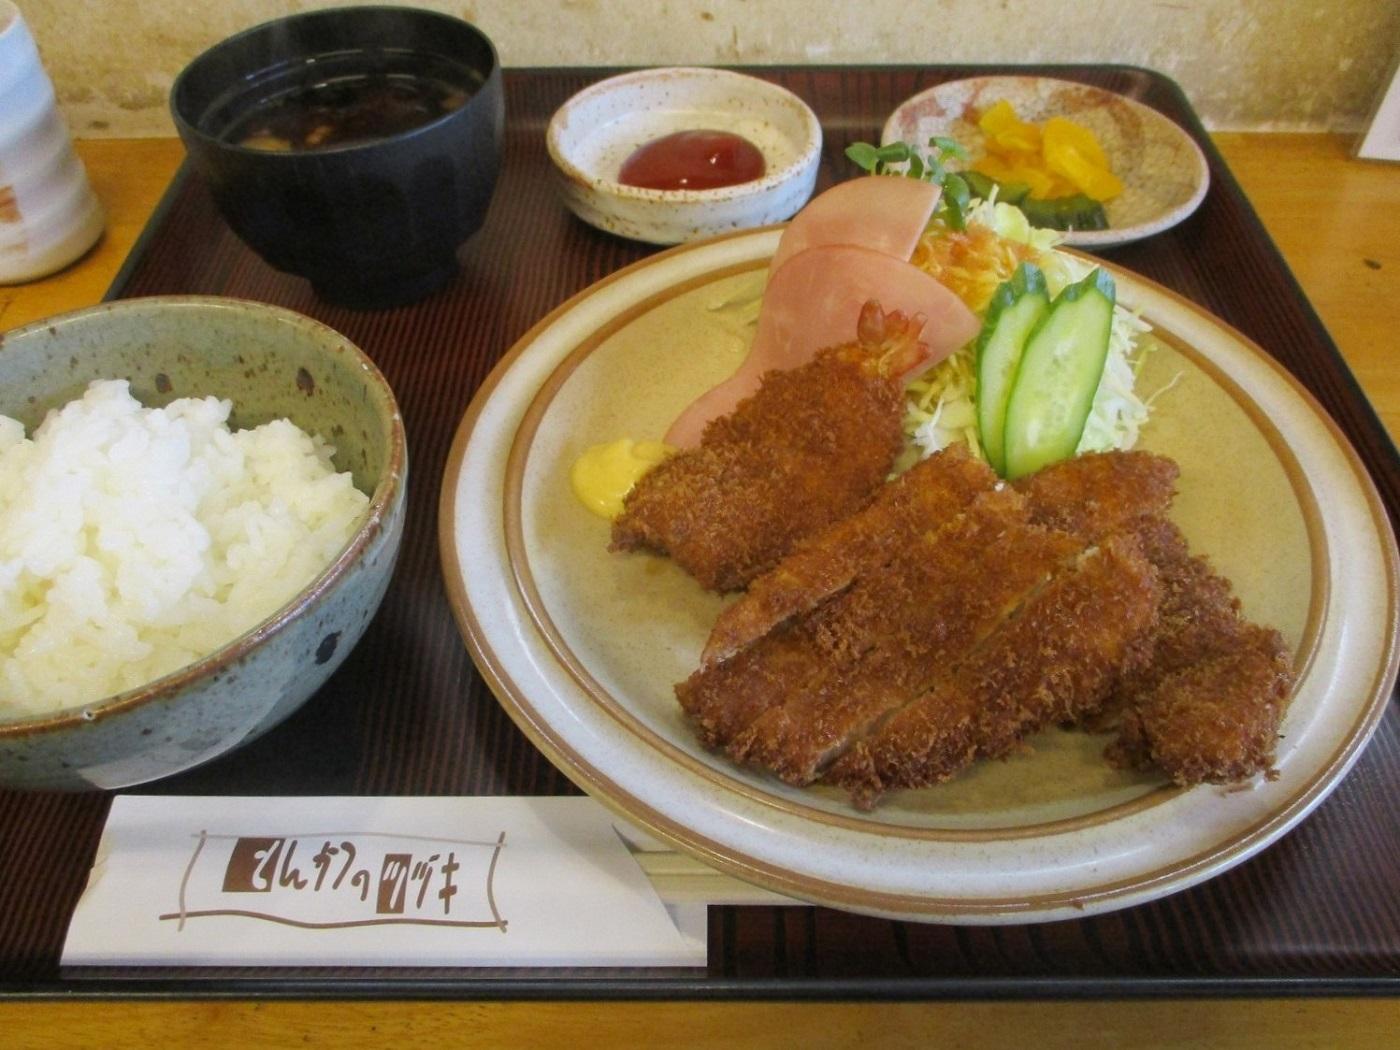 2020.3.4 (2) とんかつのツヅキ - かつランチ【フラッシュ】 1400-1050